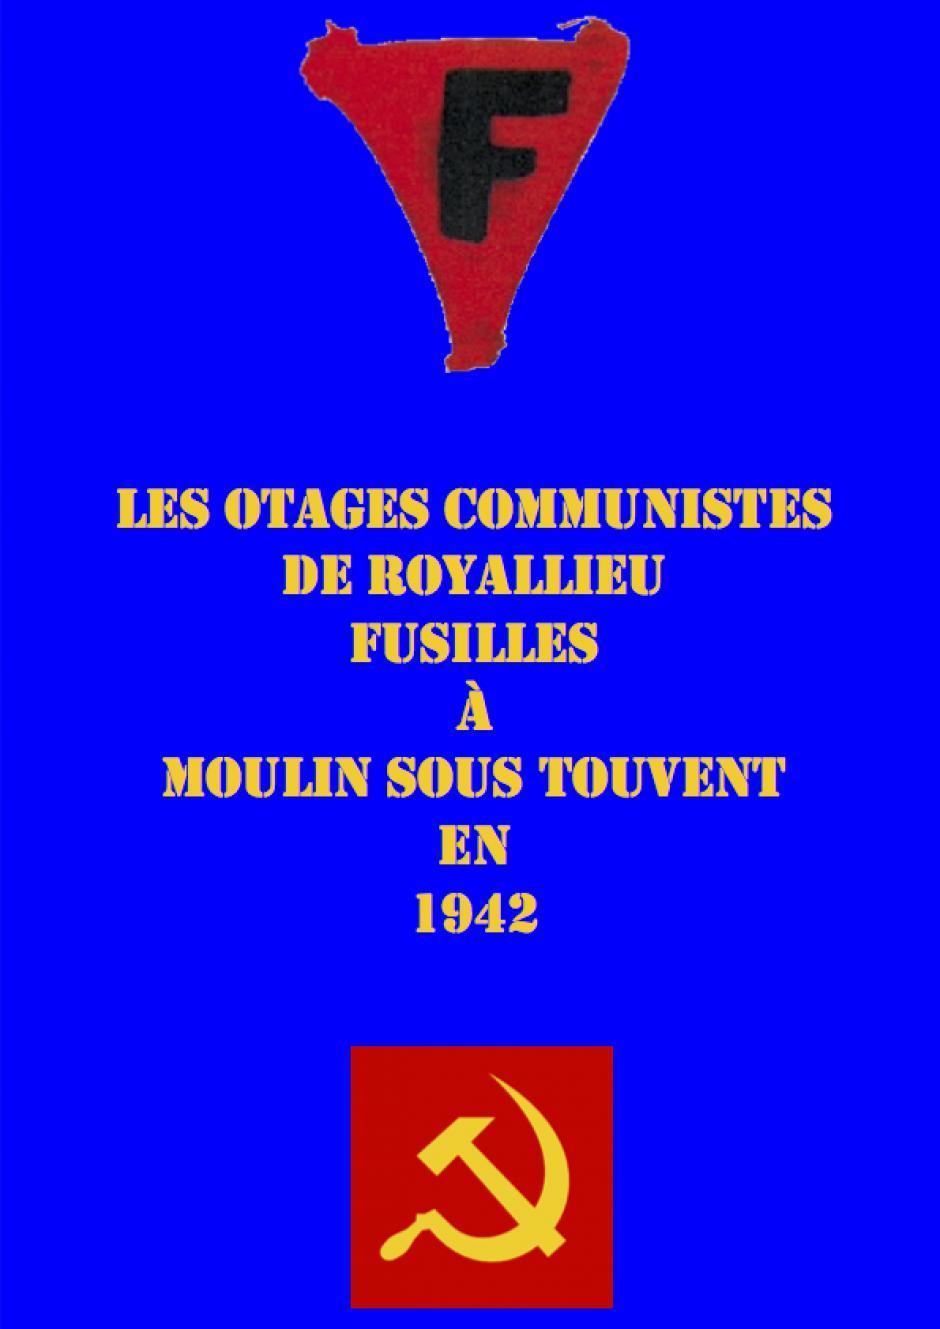 Les otages communistes de Royallieu fusillés à Moulin-sous-Touvent en 1942 - A-Localisation-Monuments existants (document transmis par Jean-Michel Vicaire)